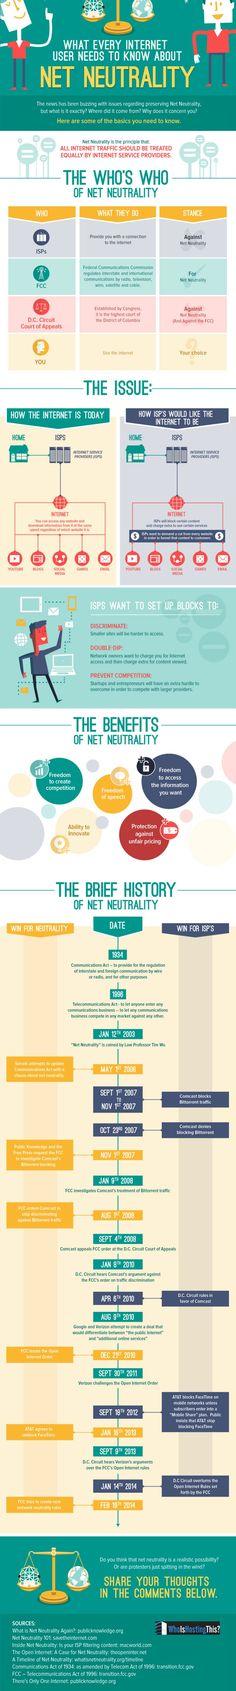 The End Of Net Neutr